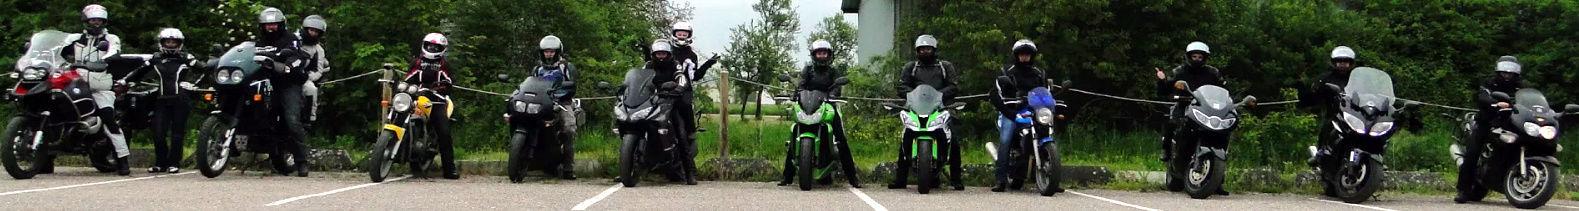 Crazy Moto Club